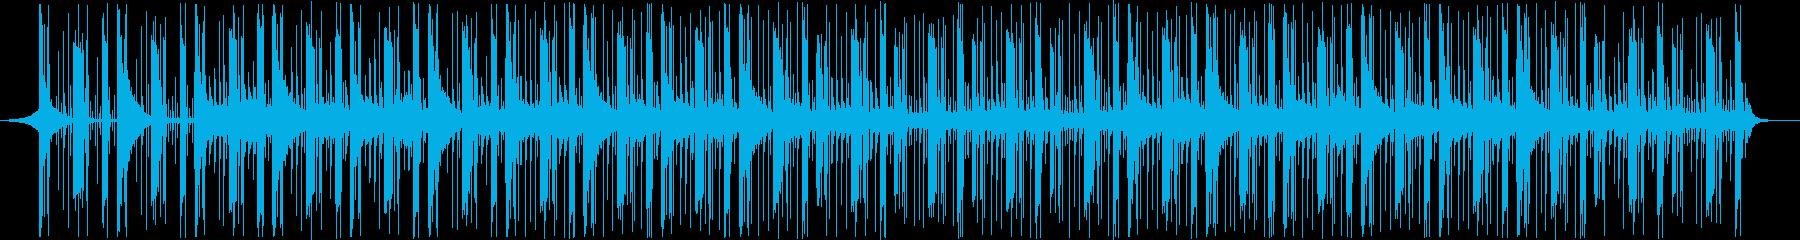 情報処理BGMの再生済みの波形